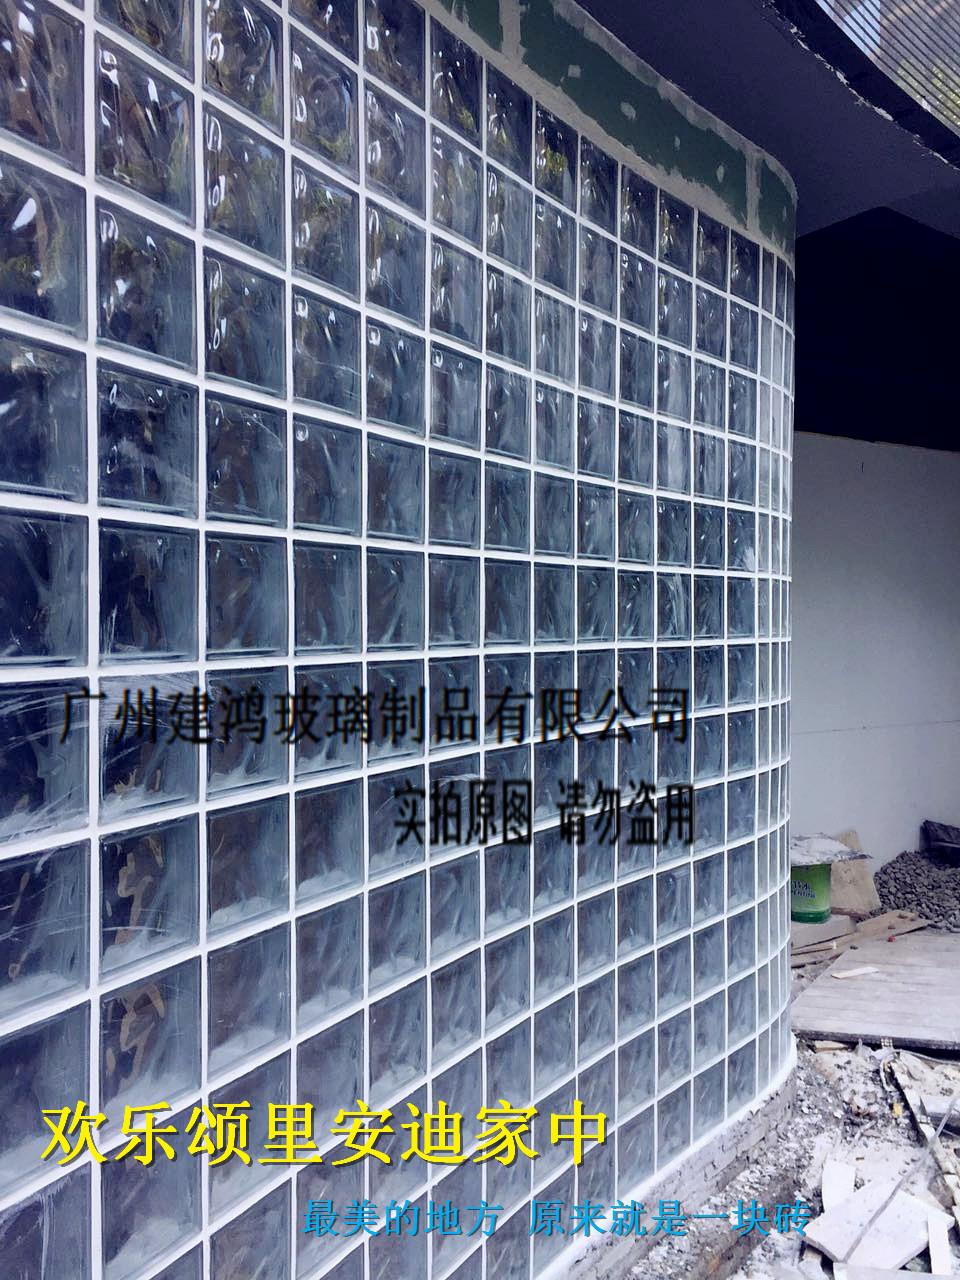 Прозрачный облака зерна стекло кирпич гостиная отрезать стена подлинный яркий беление годовщина праздновать большие рекламные большой отлично